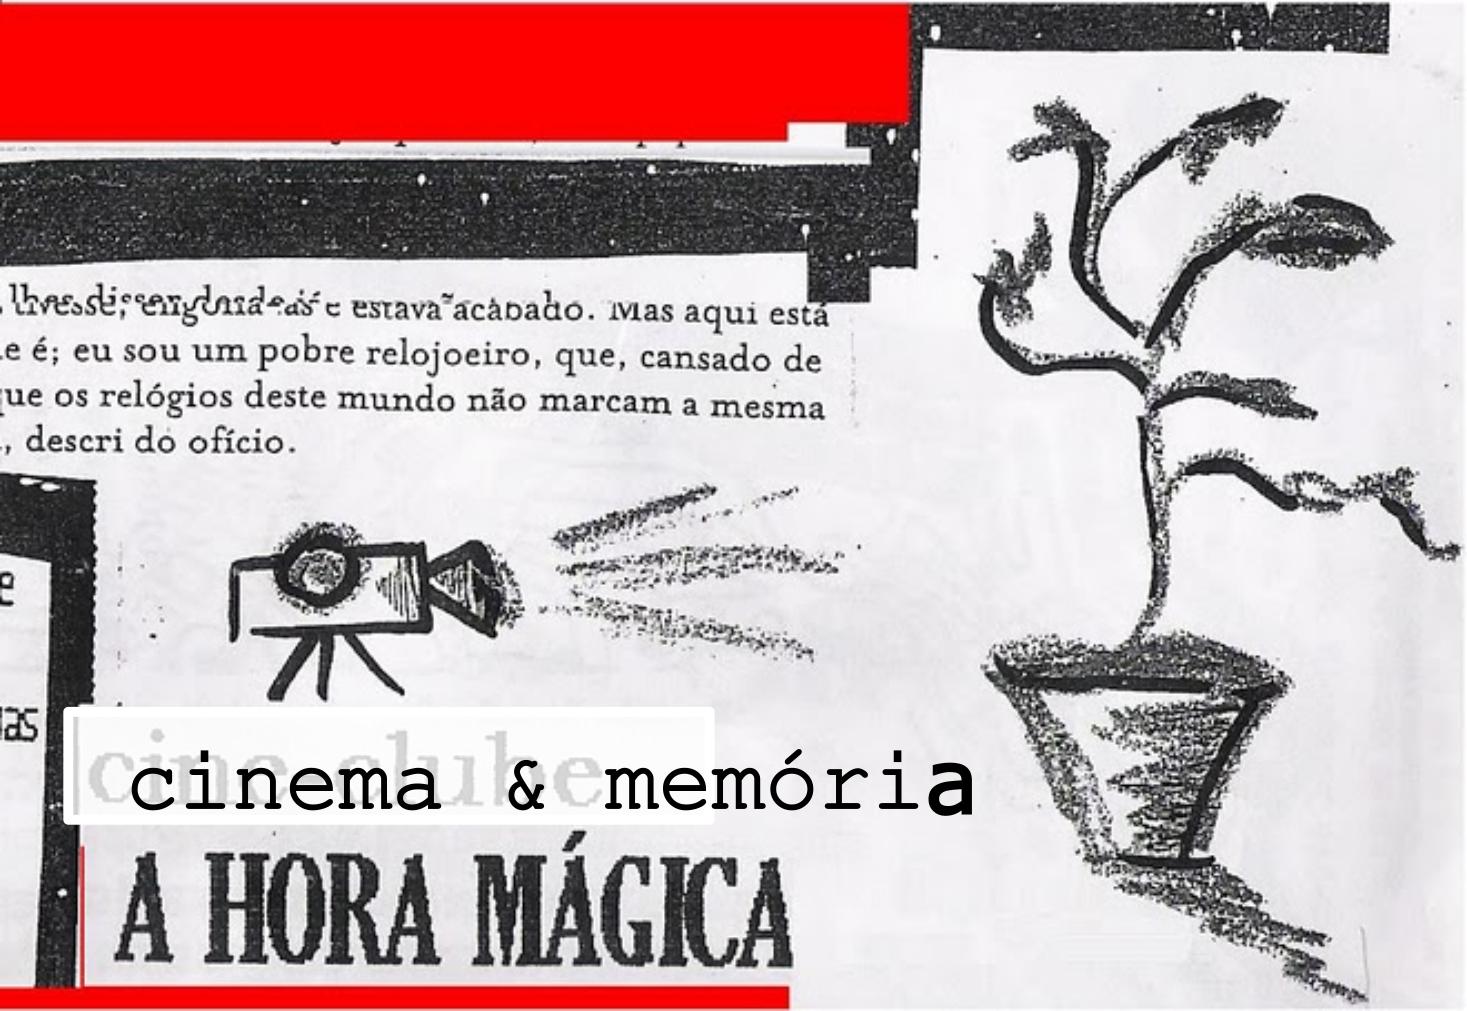 Ahoramágica Cinema & Memória